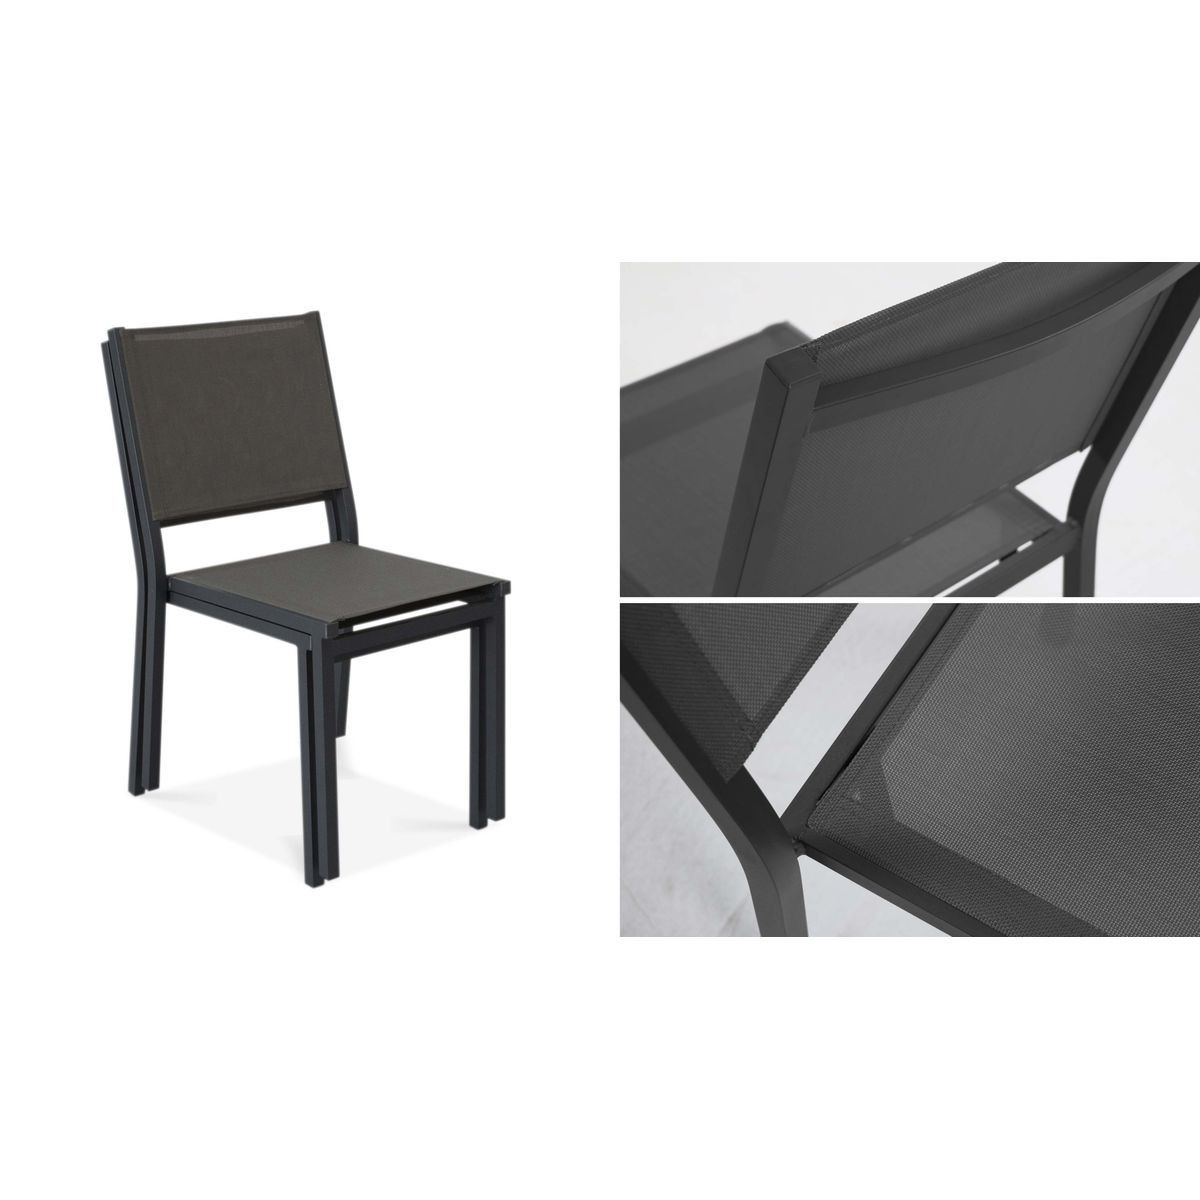 Chaise De Jardin En Aluminium Et Textilene Chaise De Jardin Salon De Jardin Aluminium Chaise